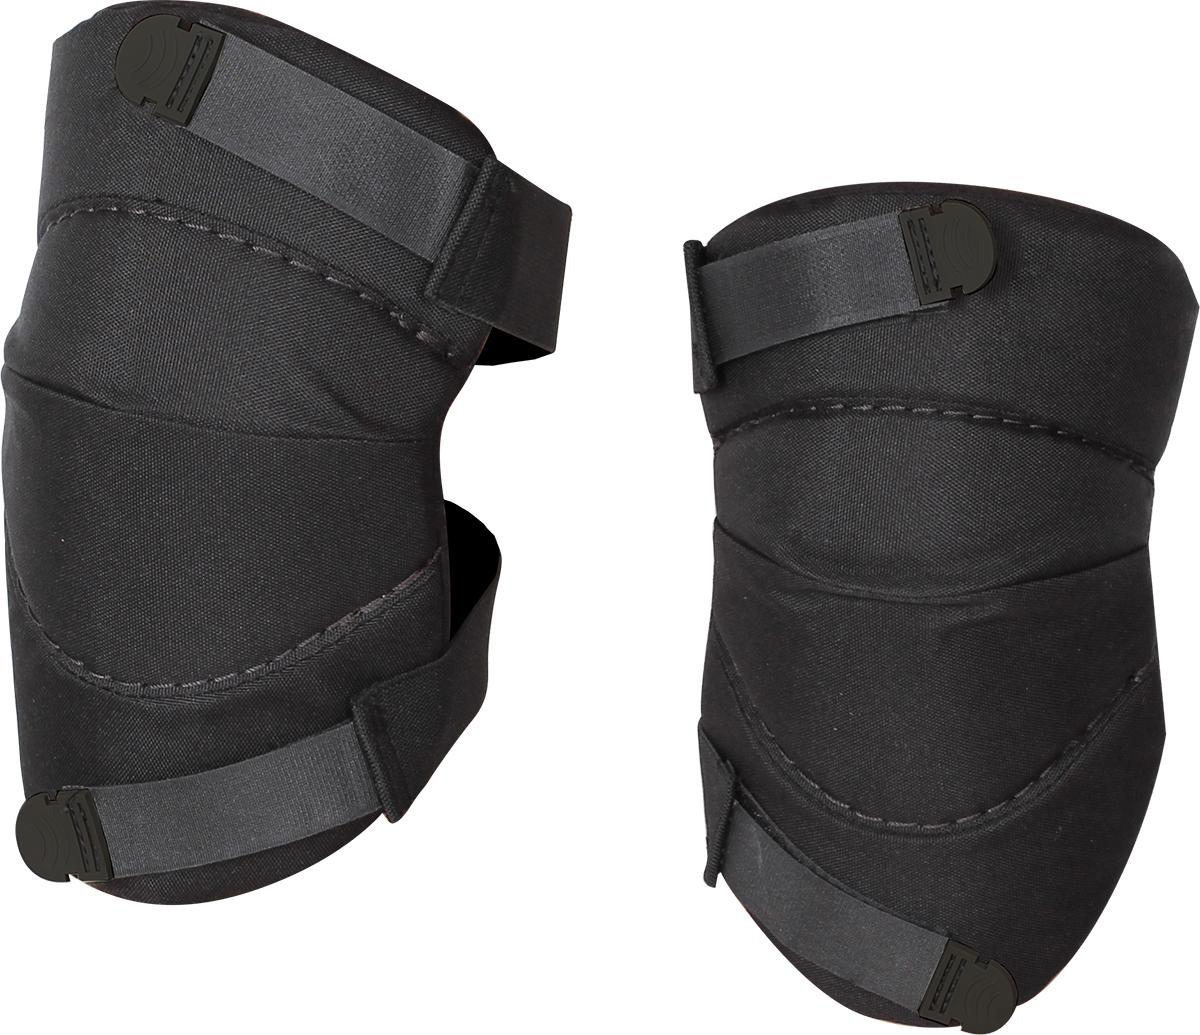 Наколенники Сплав Soft, цвет: черный5063770Наколенники Сплав Soft. Предназначены для защиты коленного сустава.